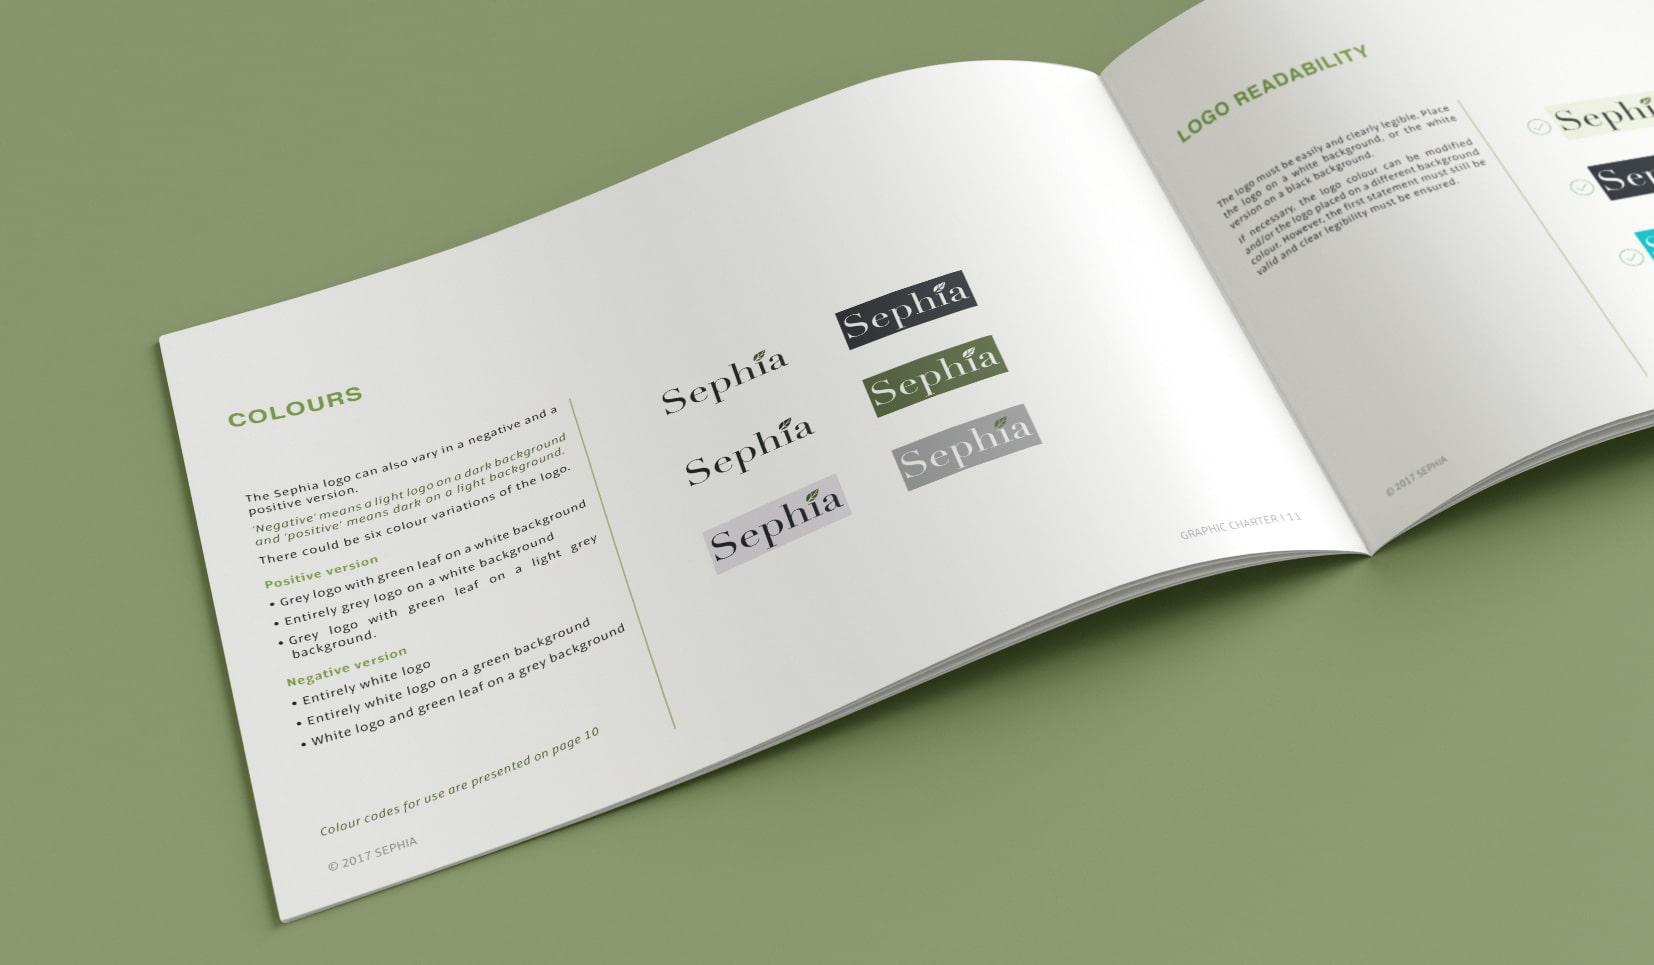 The-Sephia-Group-Brandbook-VJS-Agency-6-min.jpg